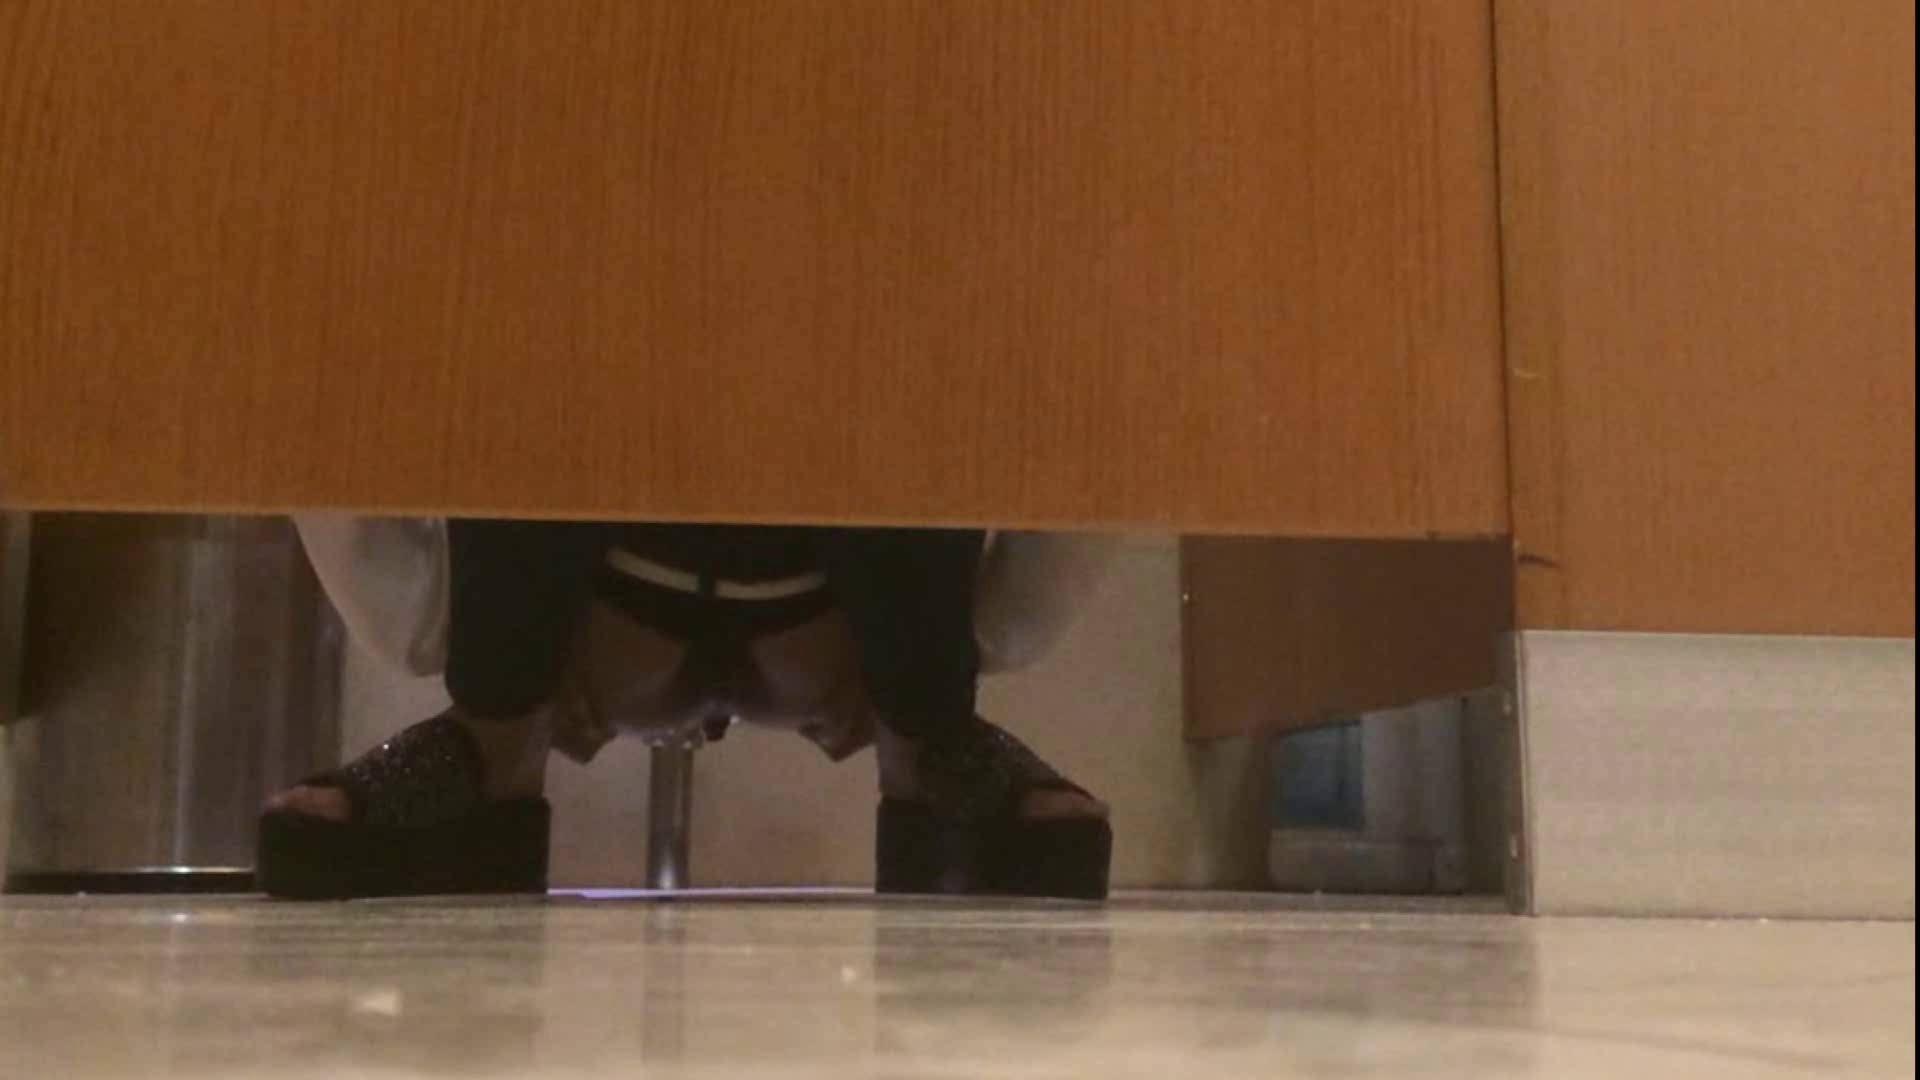 「噂」の国の厠観察日記2 Vol.14 エロいOL AV動画キャプチャ 38枚